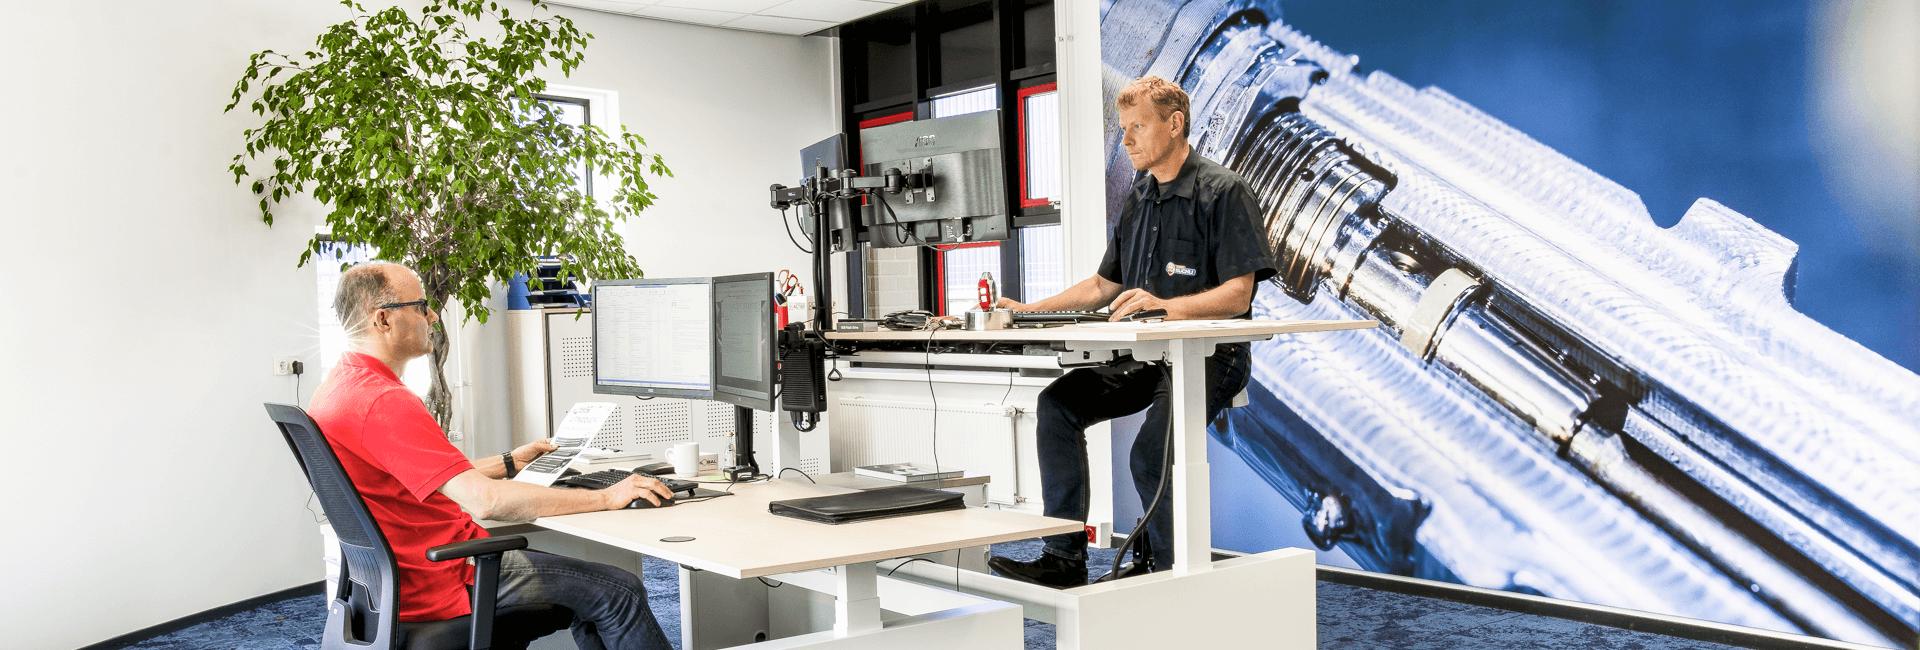 kantoorinrichting-diesel-buchli